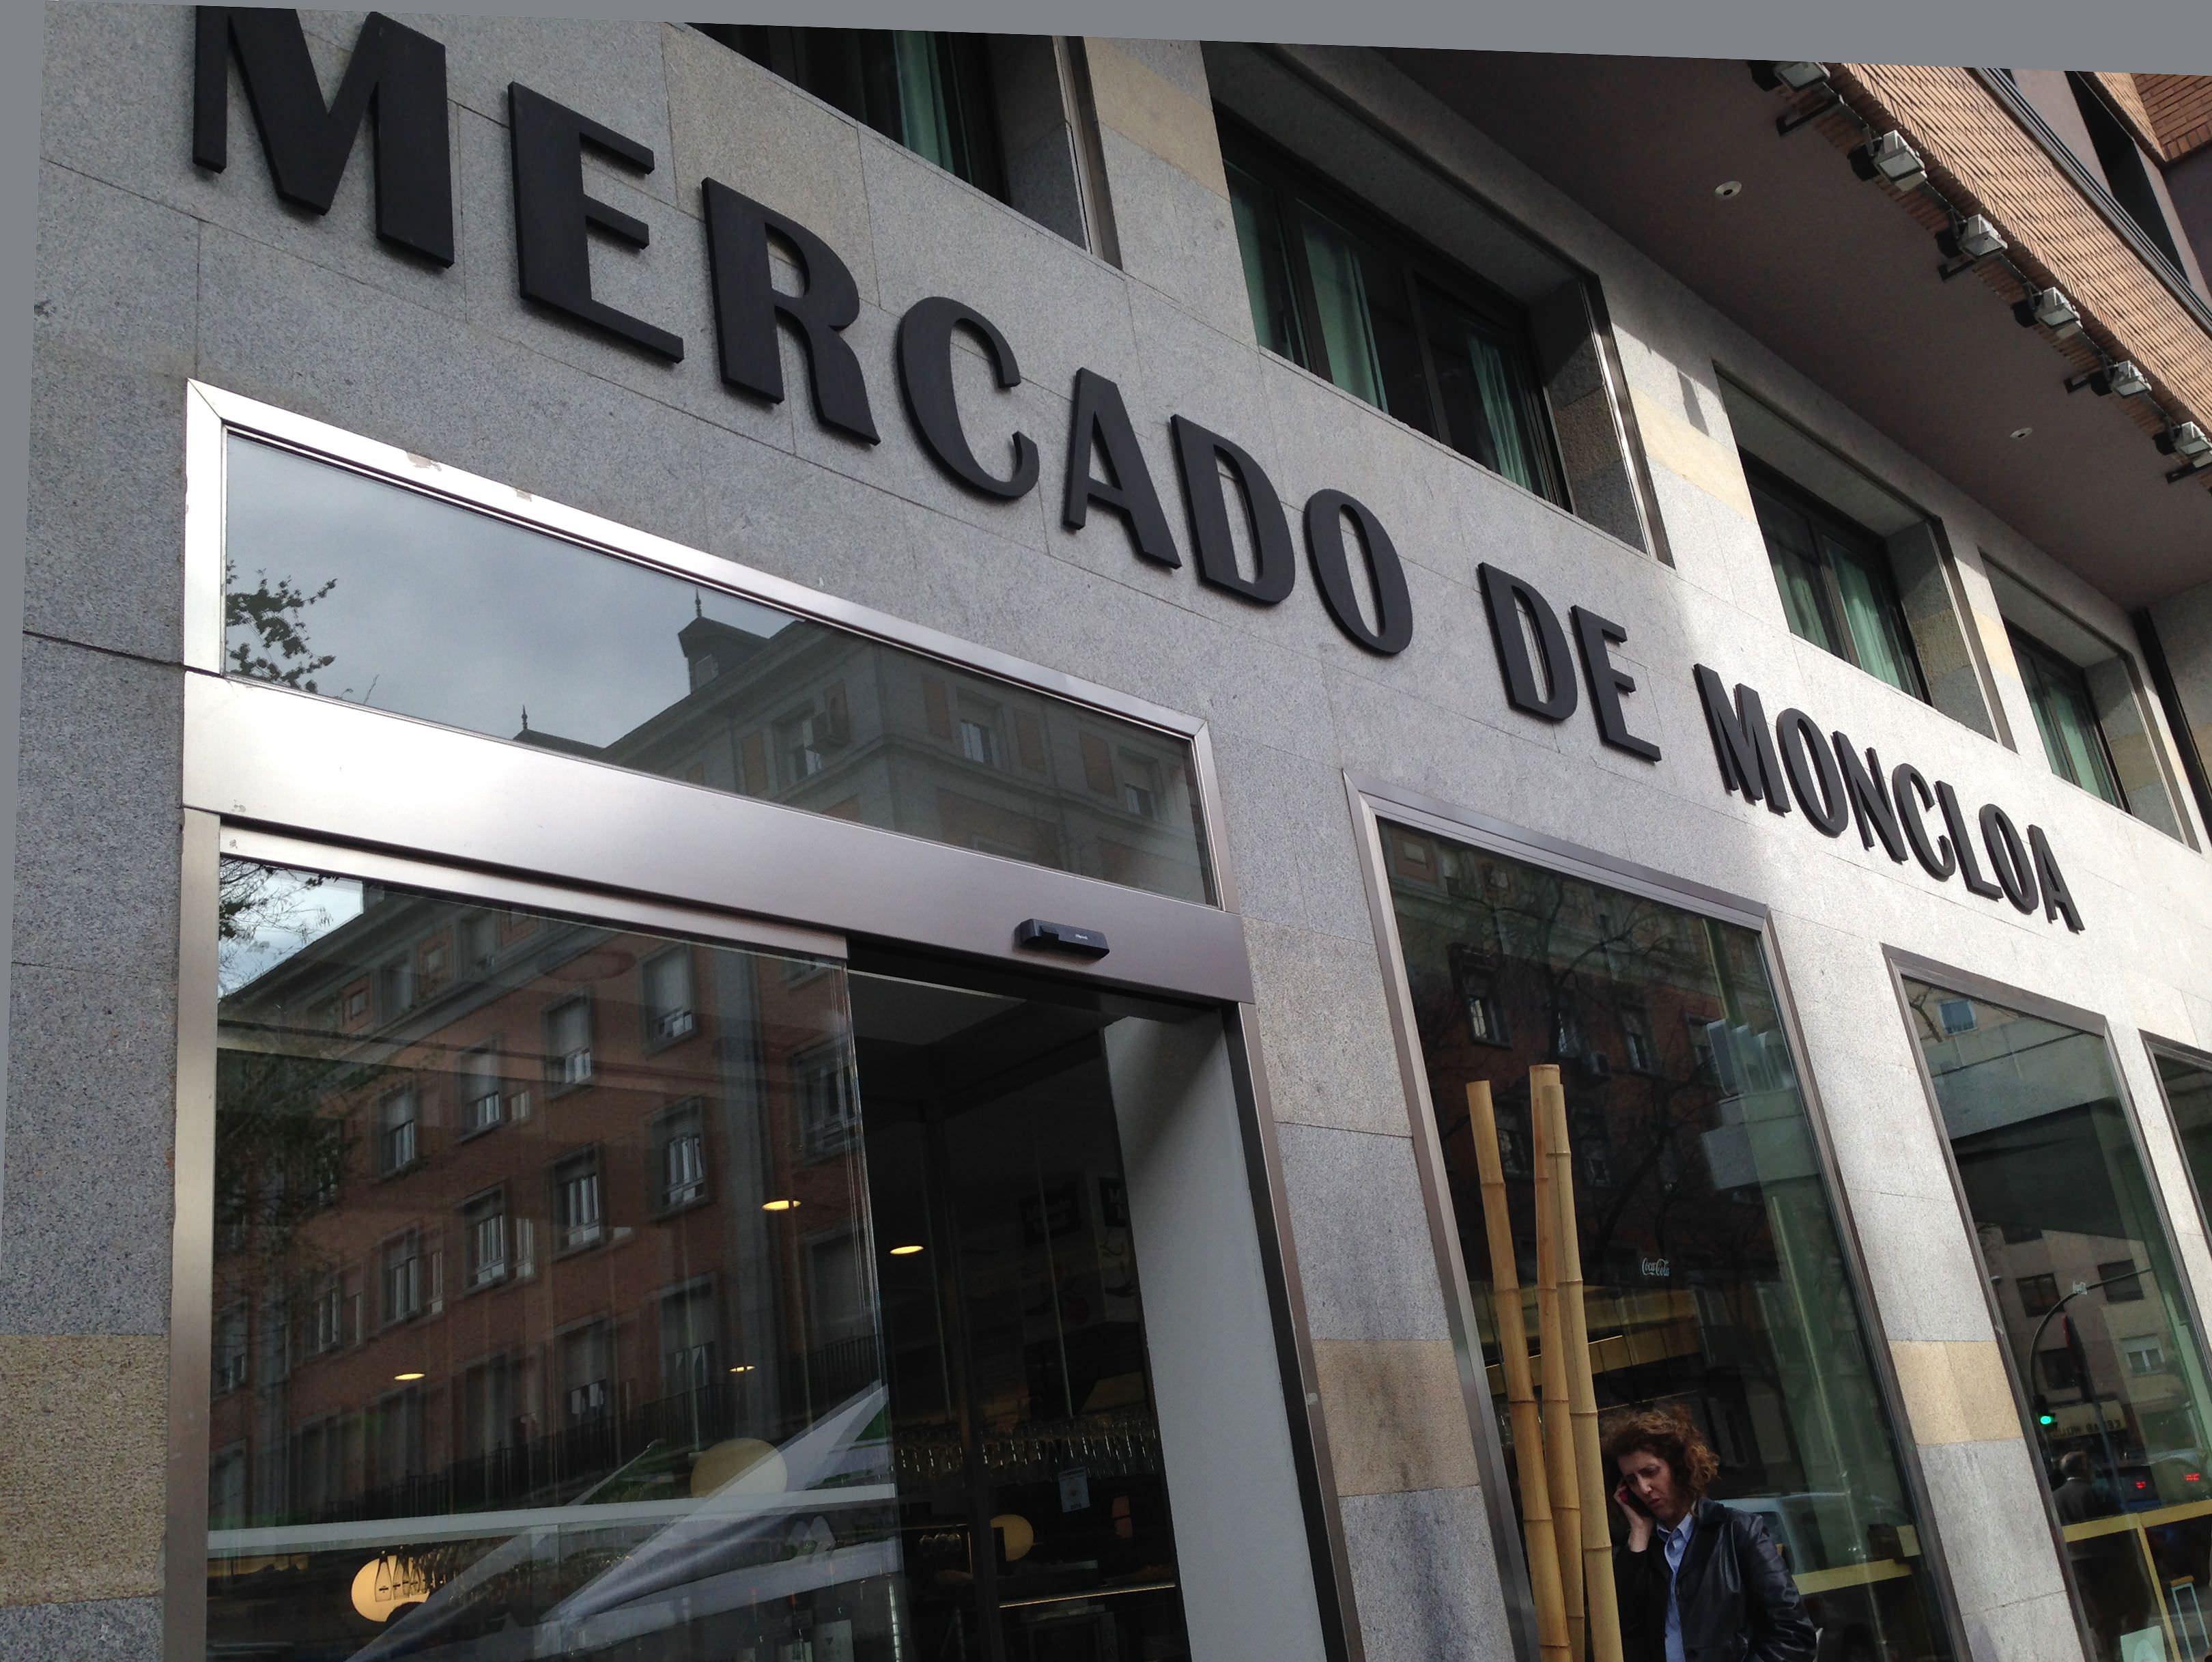 Mercado De Moncloa